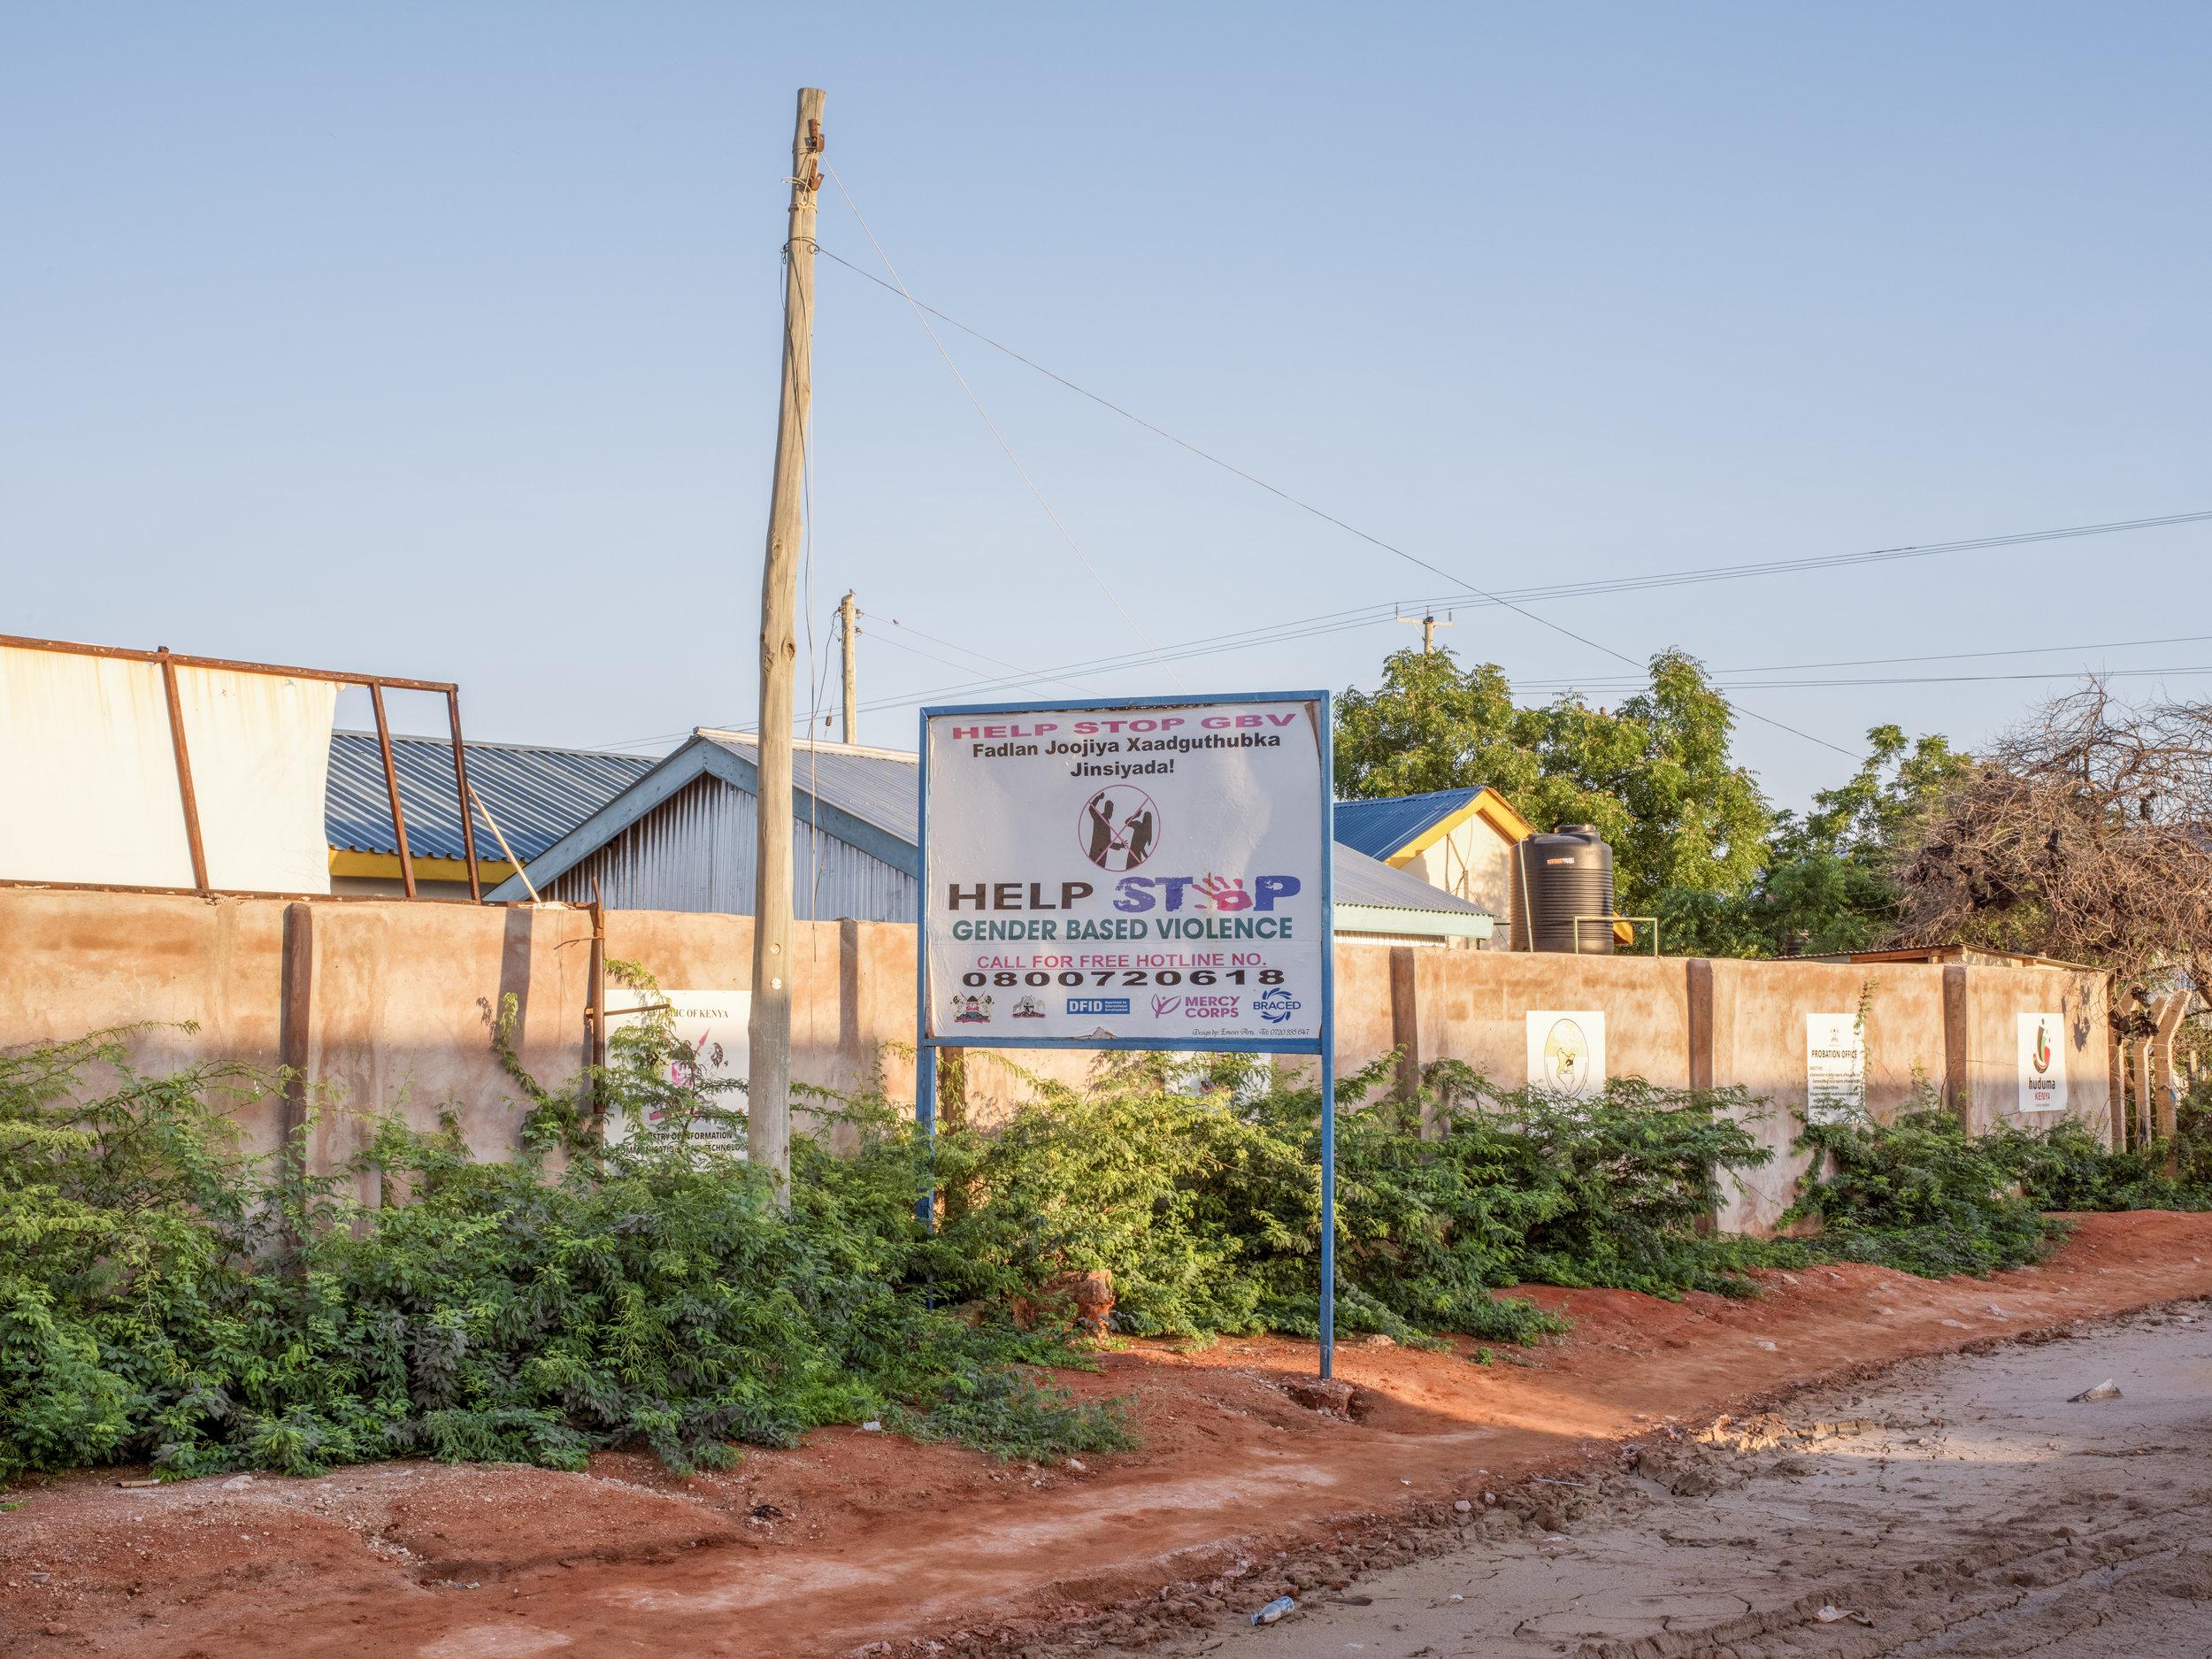 No answer: Kenya's gender-based violence hotline fails to connect